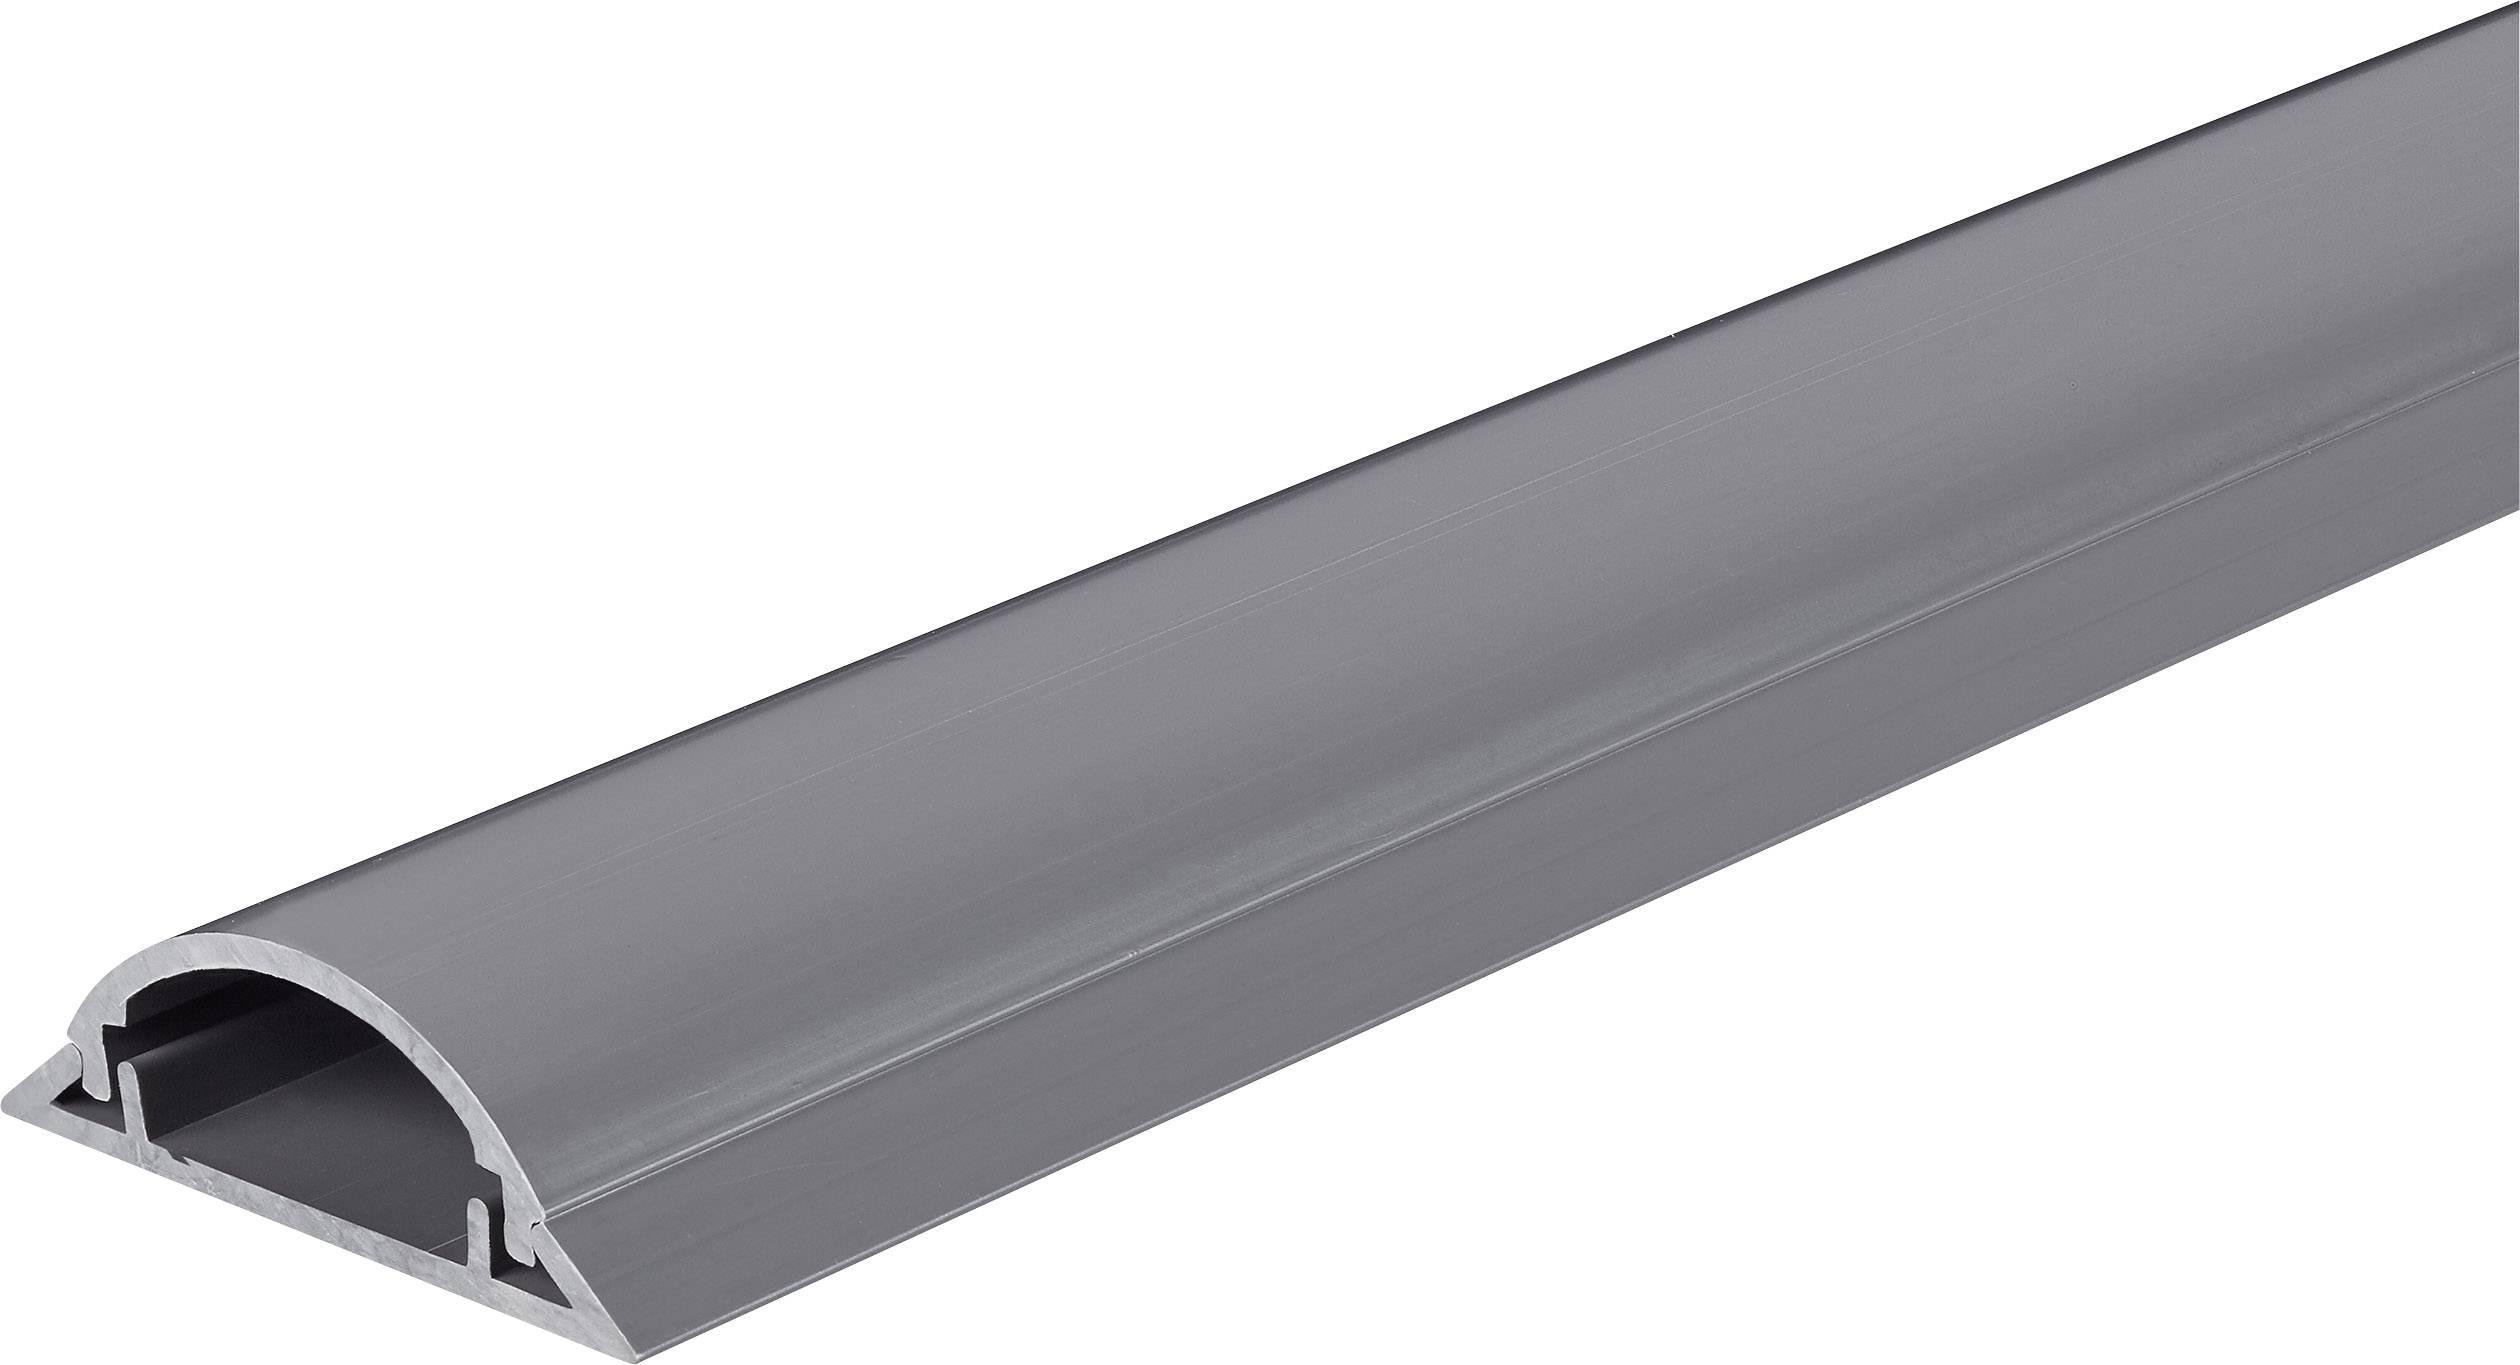 Káblový mostík Conrad Components 1243959 (d x š) 1000 mm x 49.5 mm, sivá, 1 ks